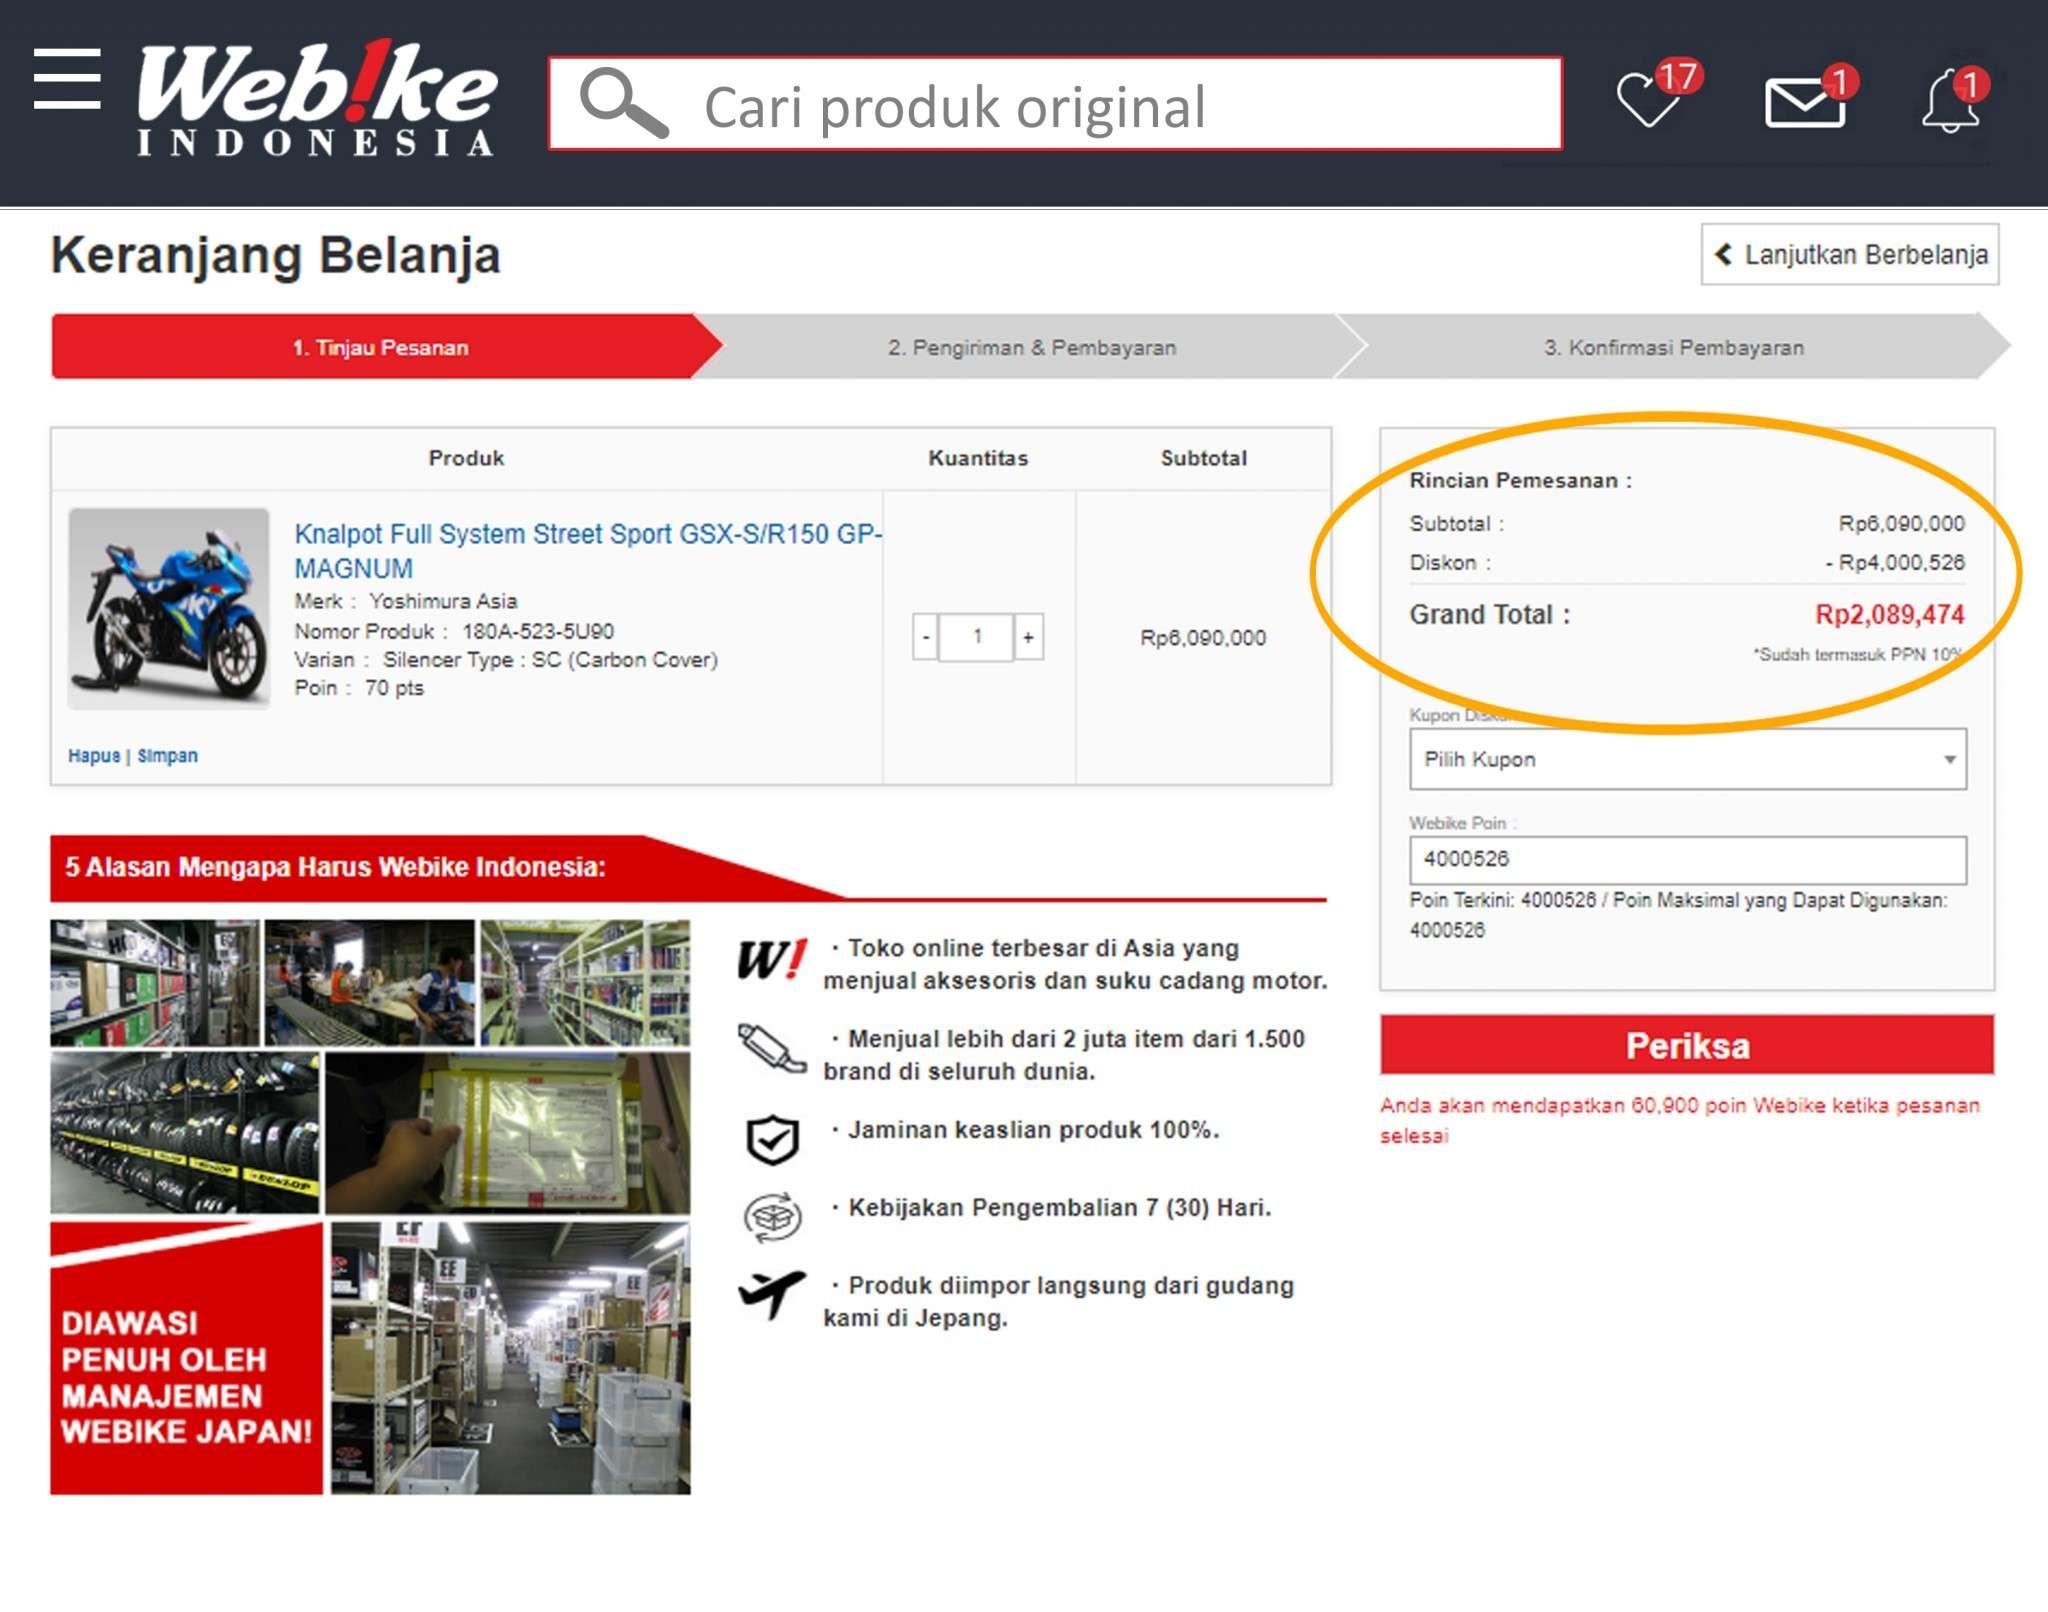 kelebihan beli sparepart motor original webike indonesia